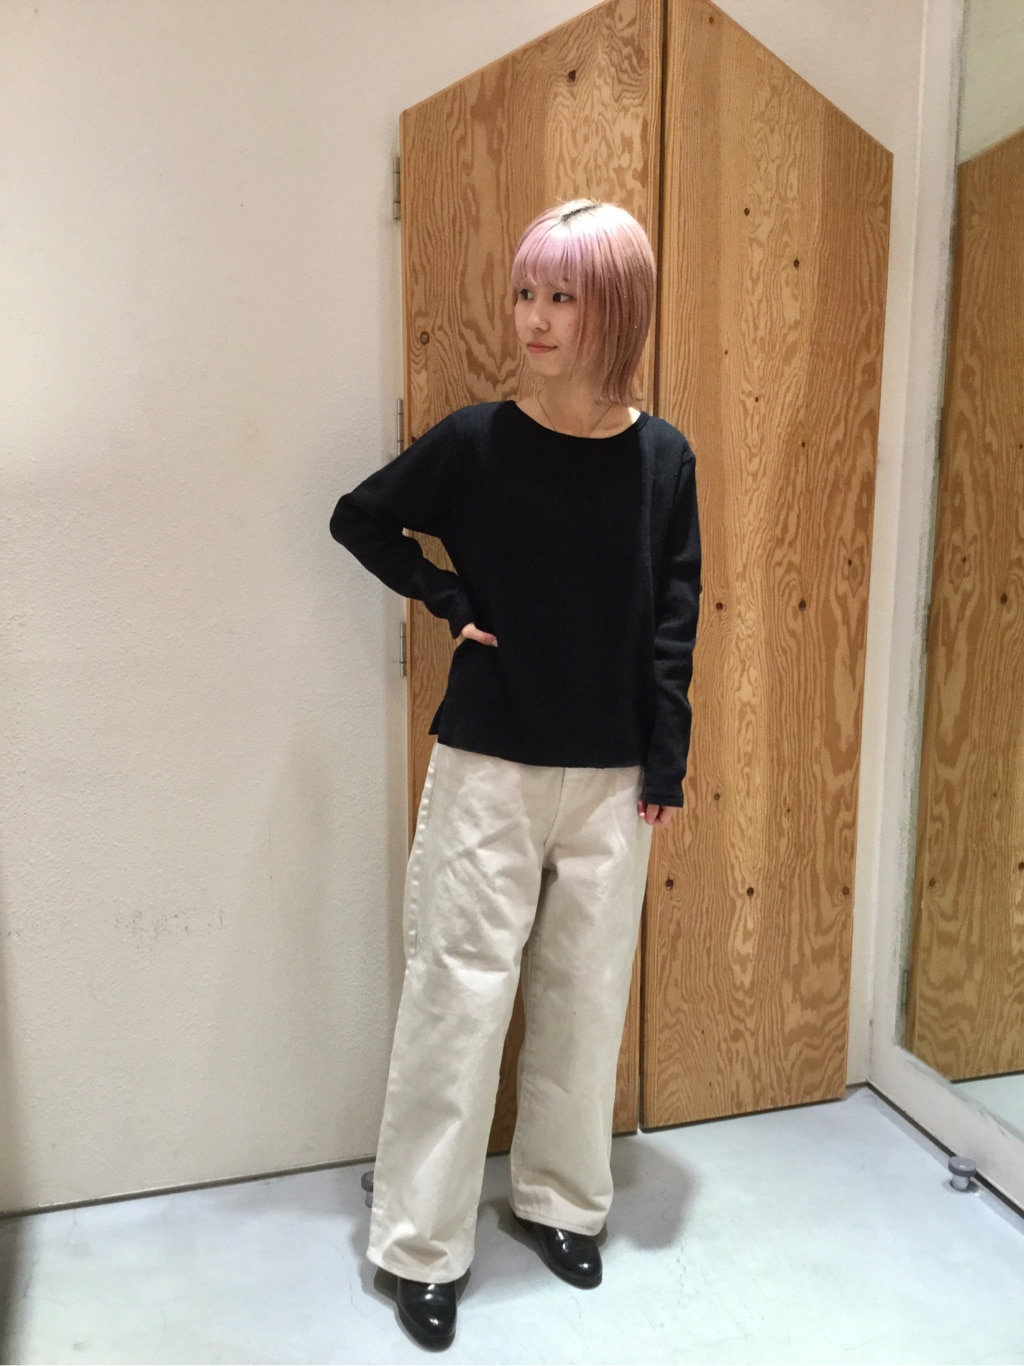 l'atelier du savon グランフロント大阪 身長:157cm 2019.11.09